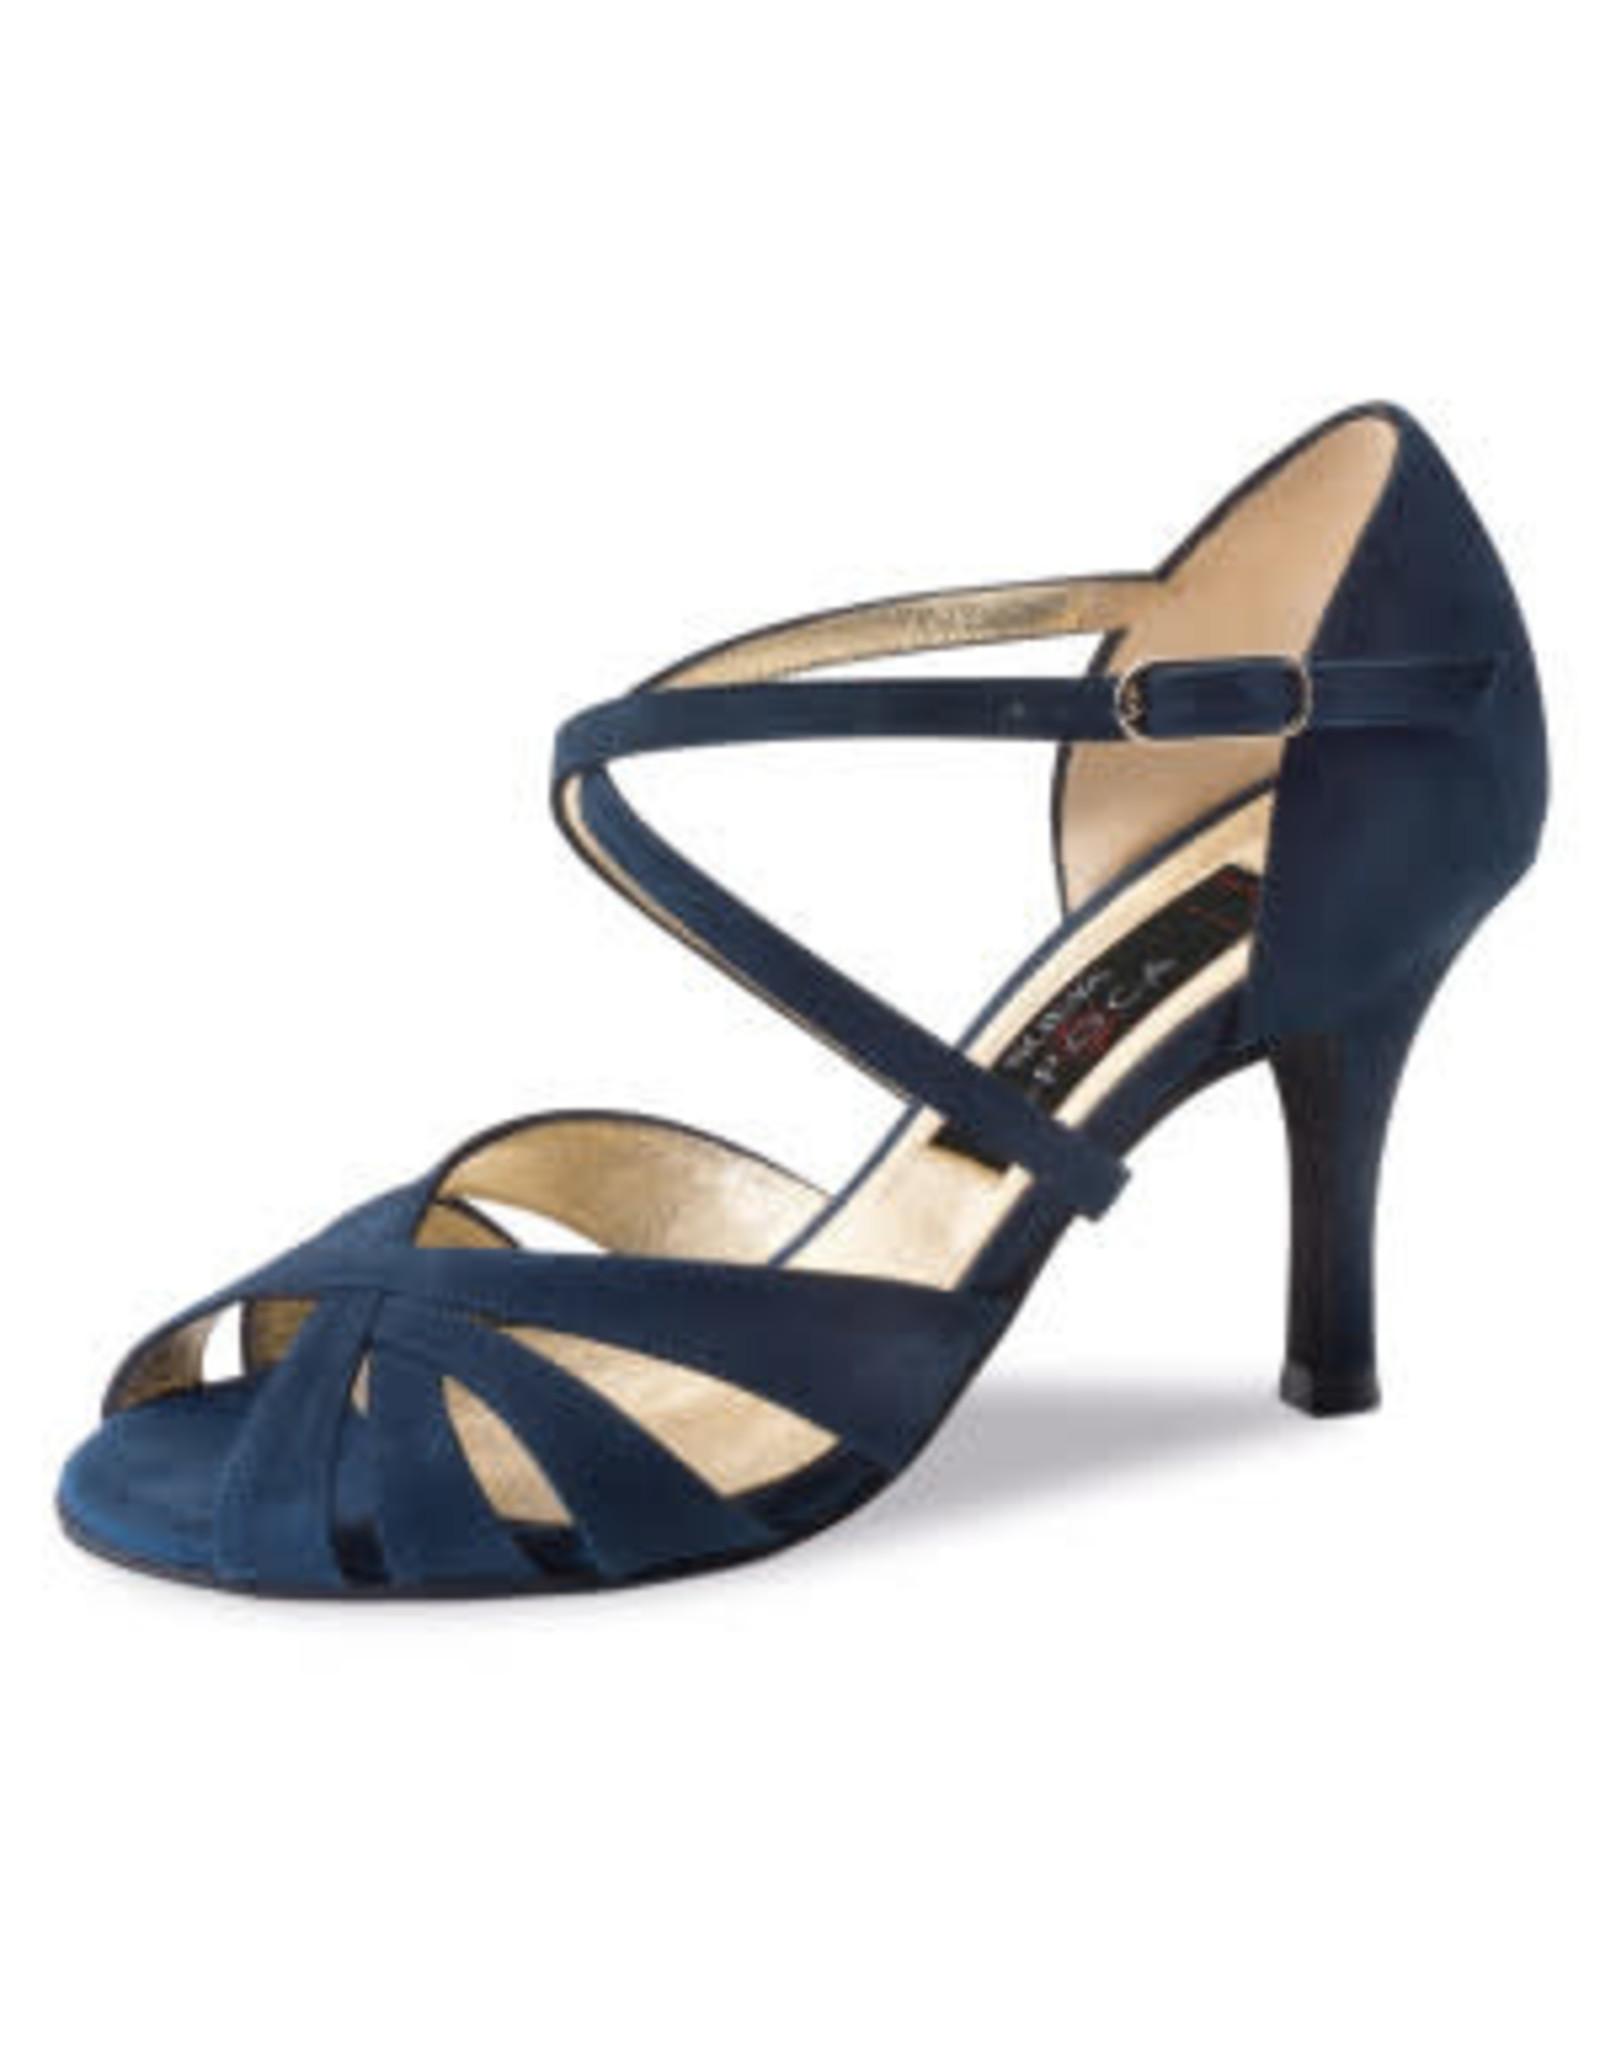 Nueva Epoca Gracia 7cm Suede Blue